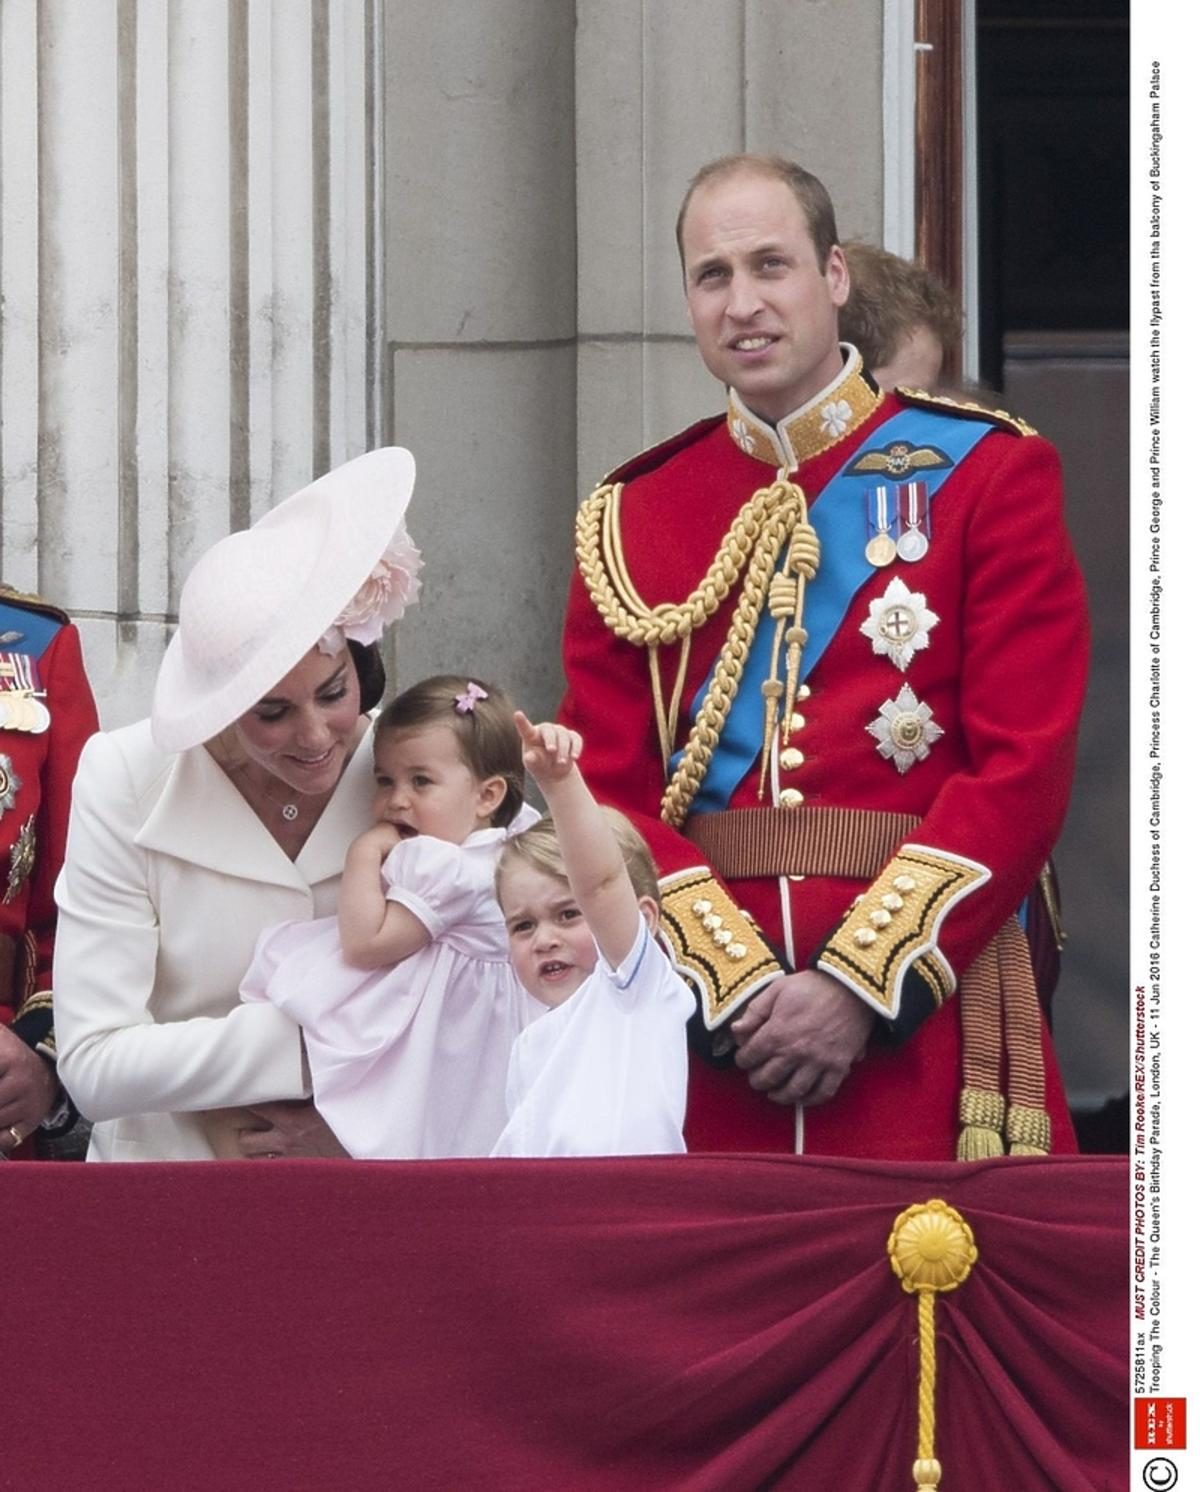 Książę William w czerwonej marynarce